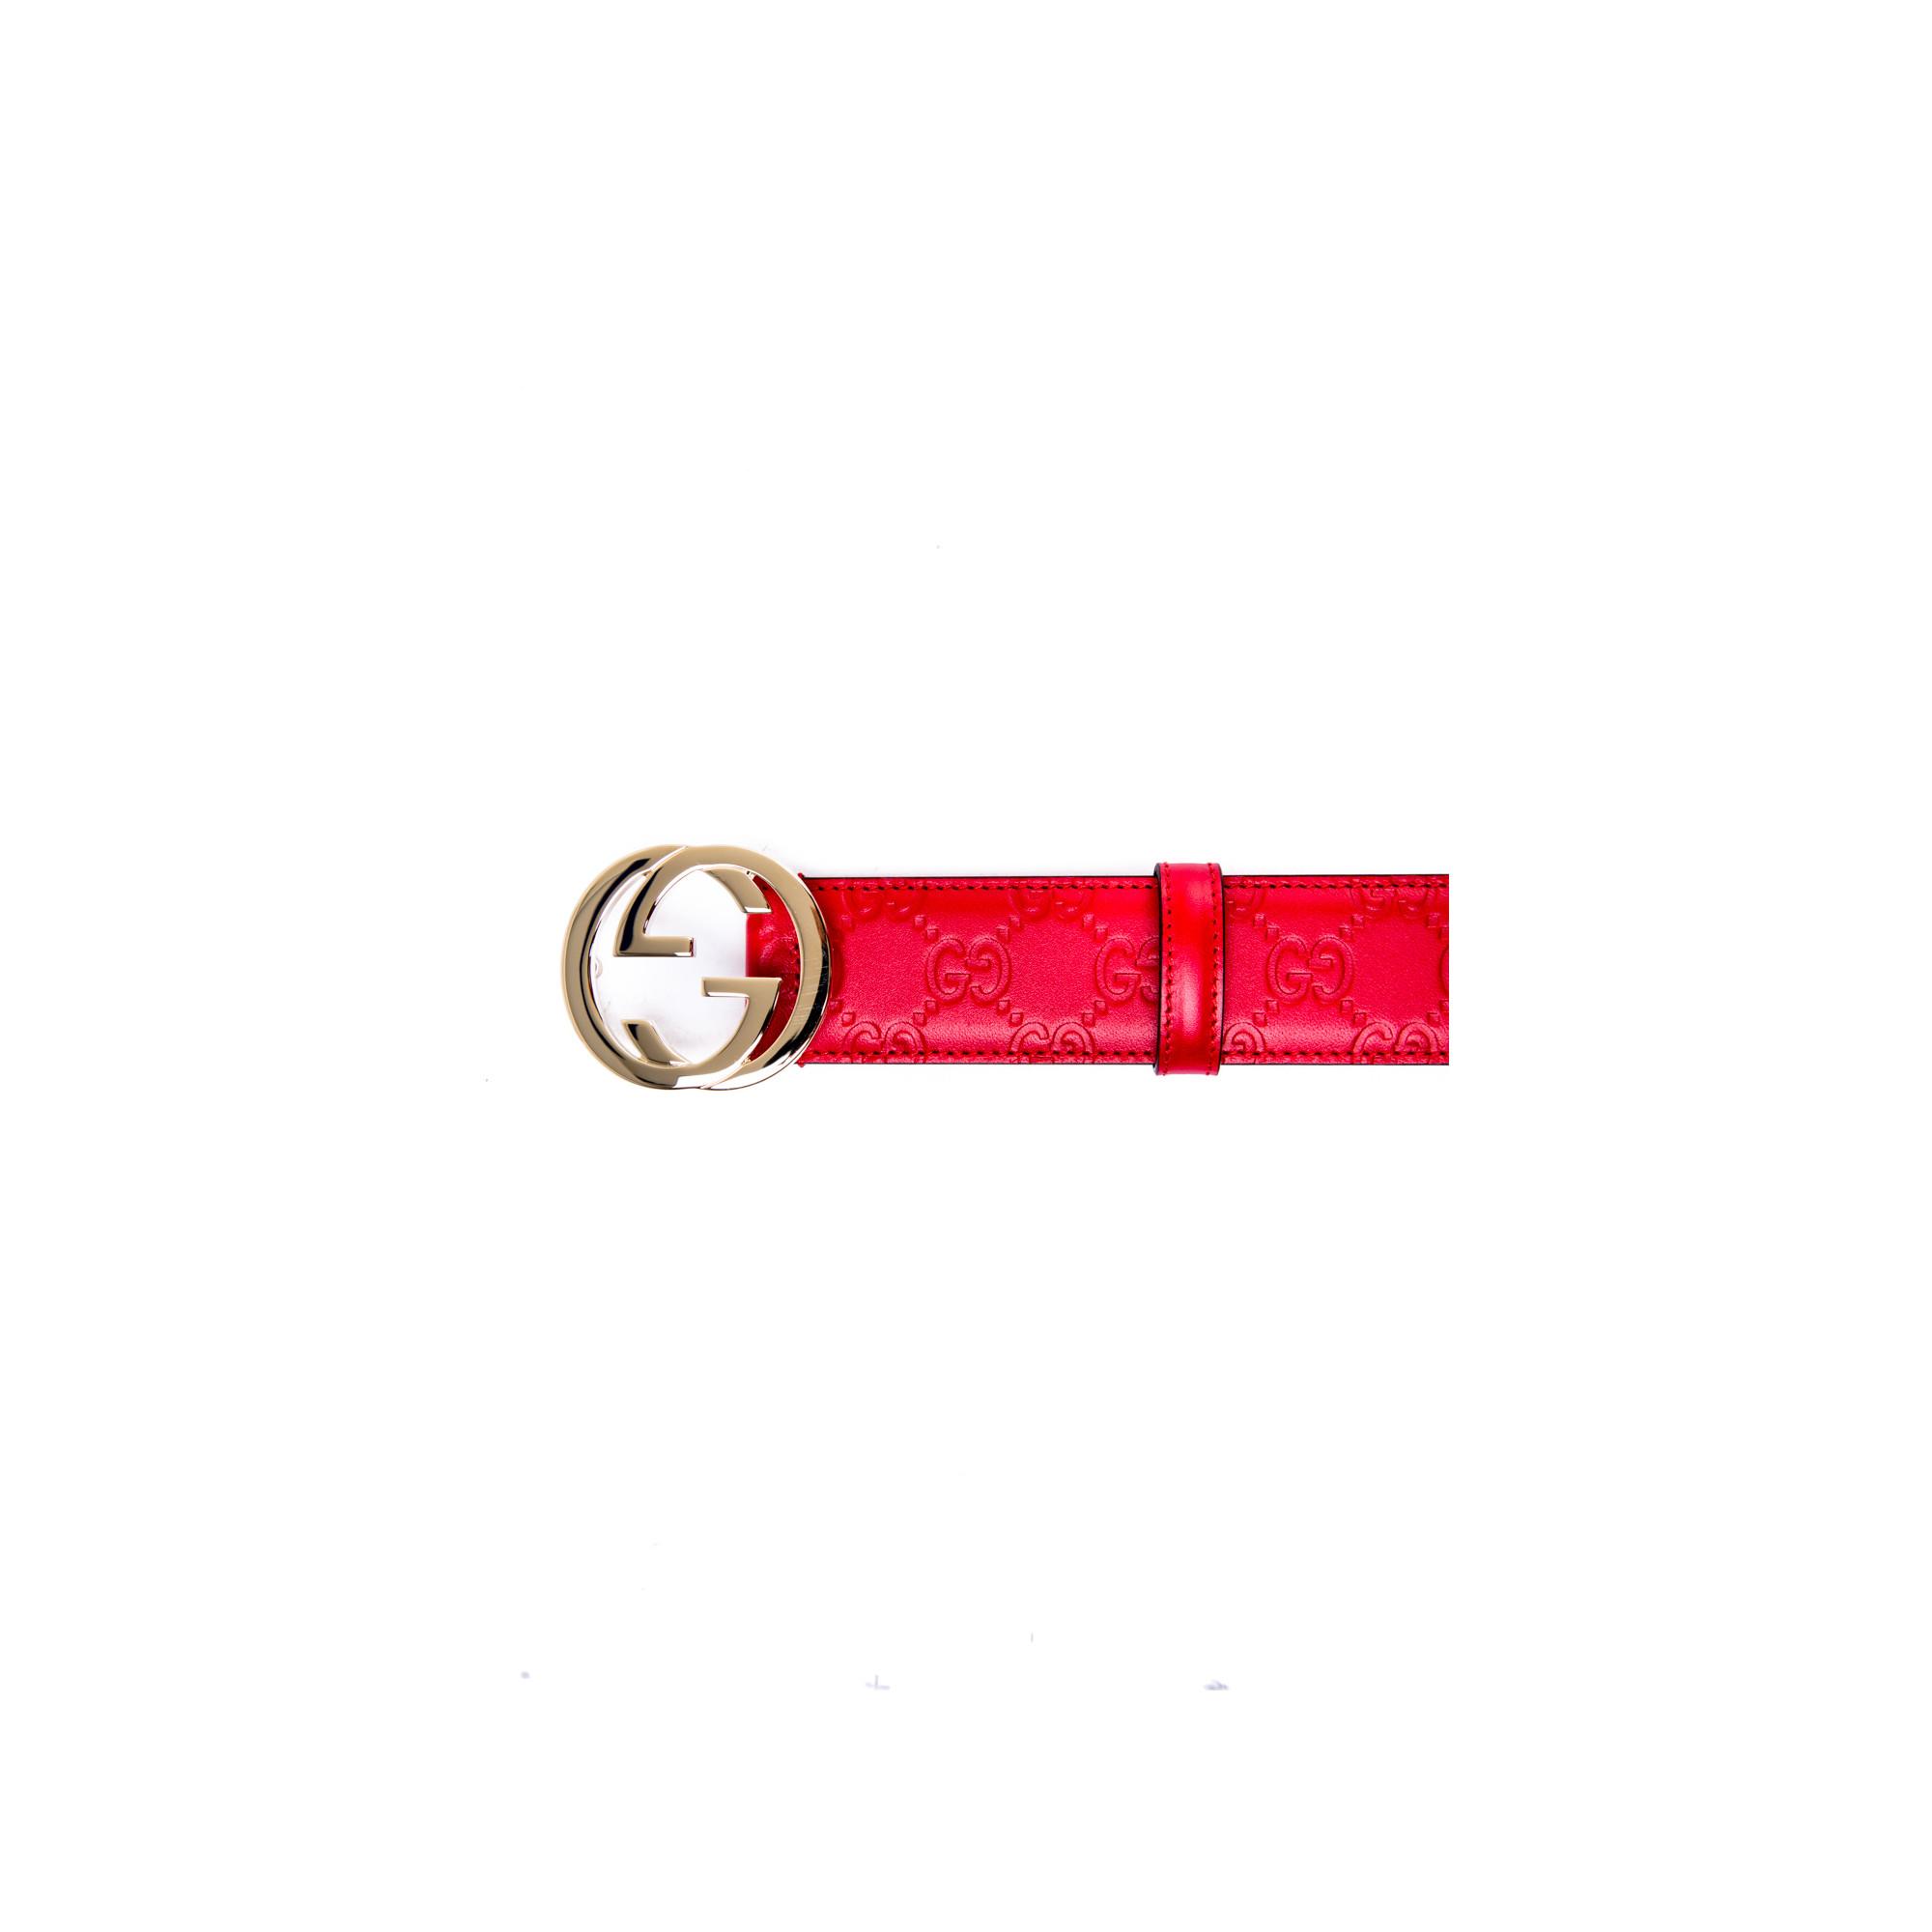 f0ad8400b69 ... Gucci woman belt w.37 red Gucci woman belt w.37 red - www ...